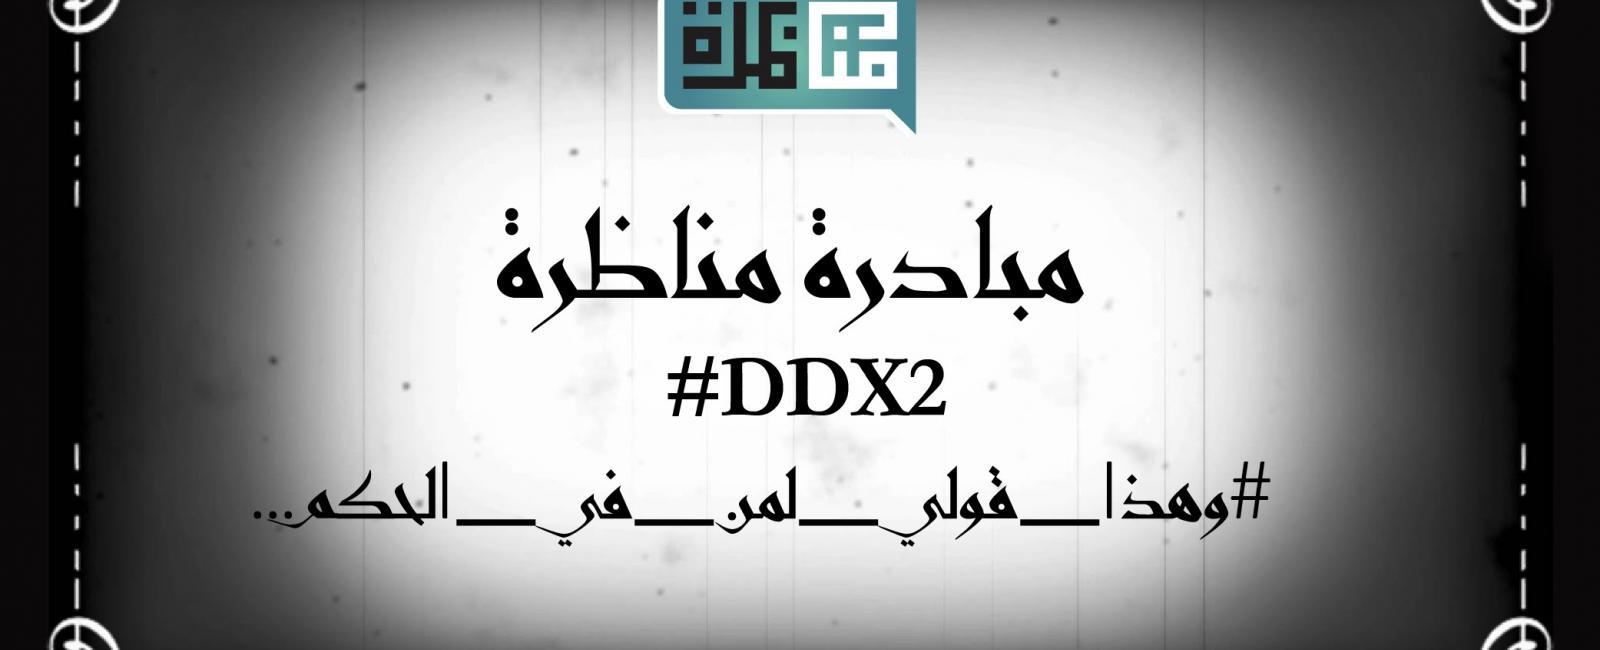 إحتفالية DDX2# : شباب العرب يوجهون كلماتهم لمن هم في الحكم